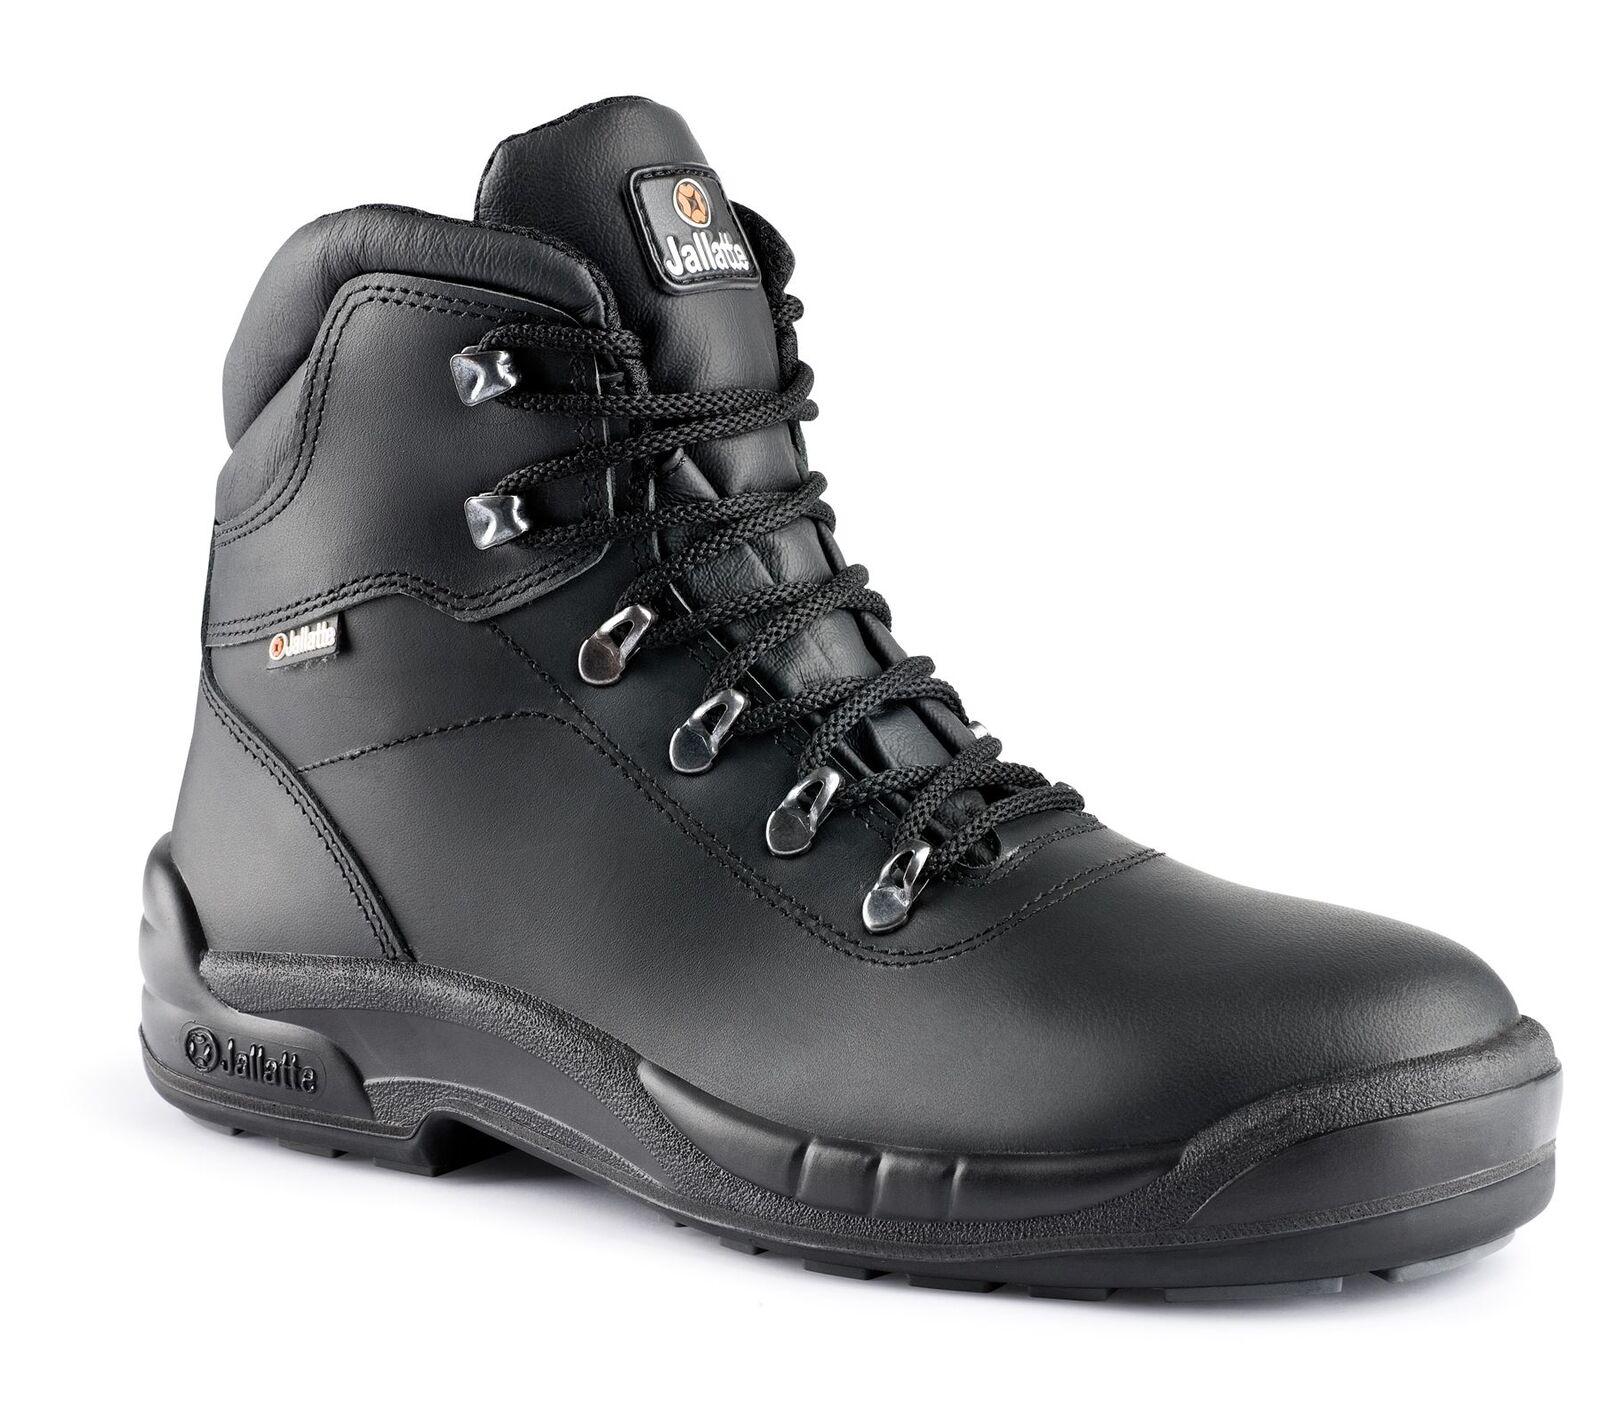 JALLATTE lavoro jalmaia Pizzo Pelle sicurezza sul lavoro JALLATTE puntale intersuola uomo boots d39c5b